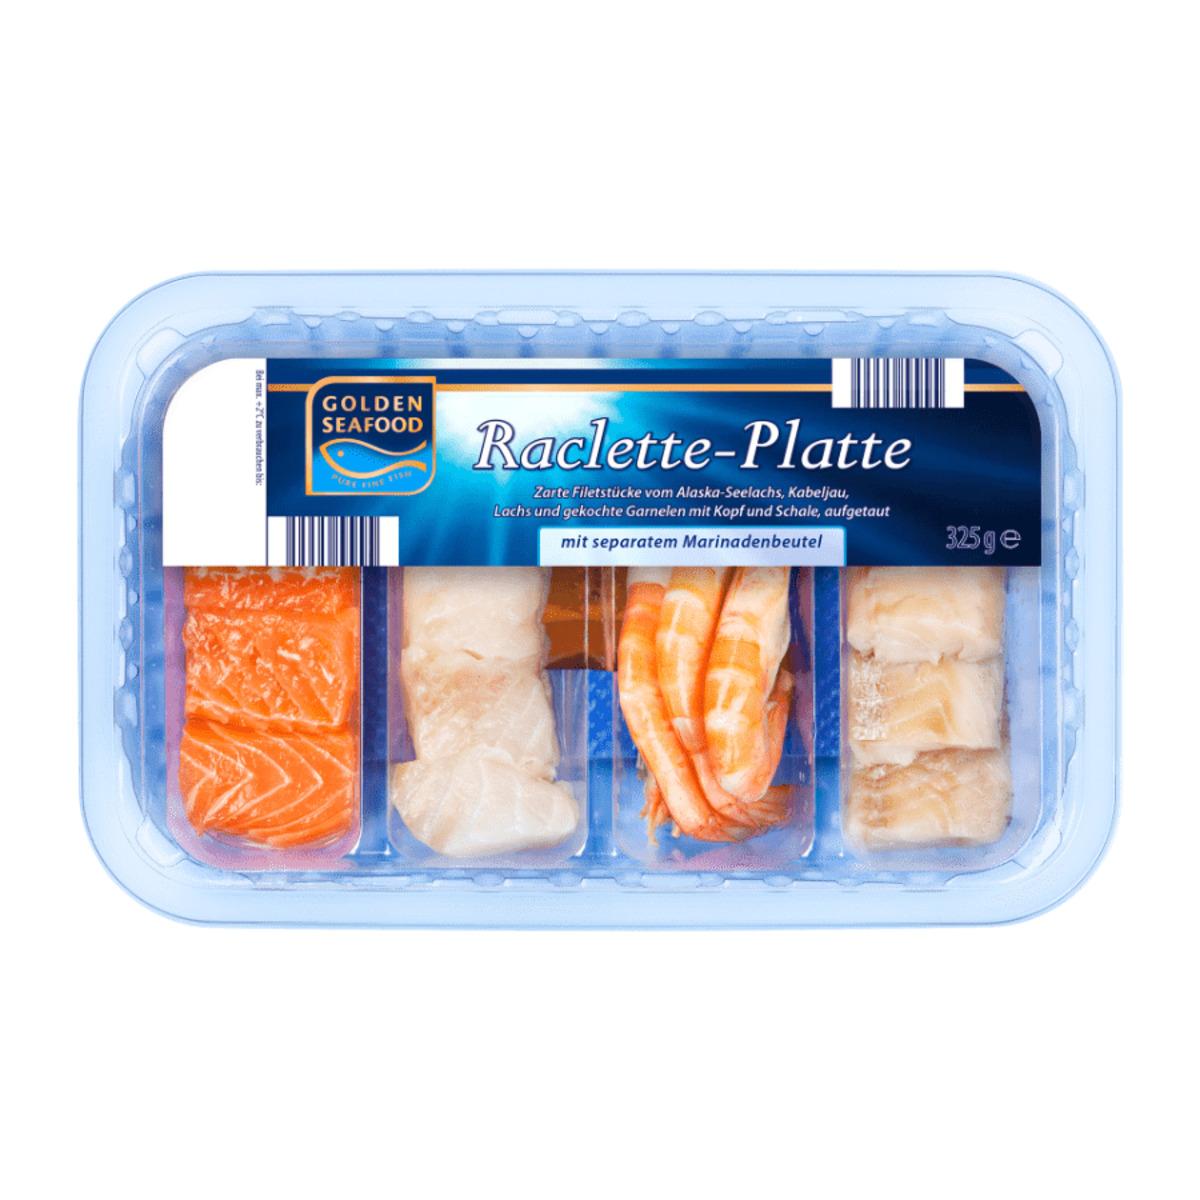 Bild 1 von GOLDEN SEAFOOD     Raclette-Platte